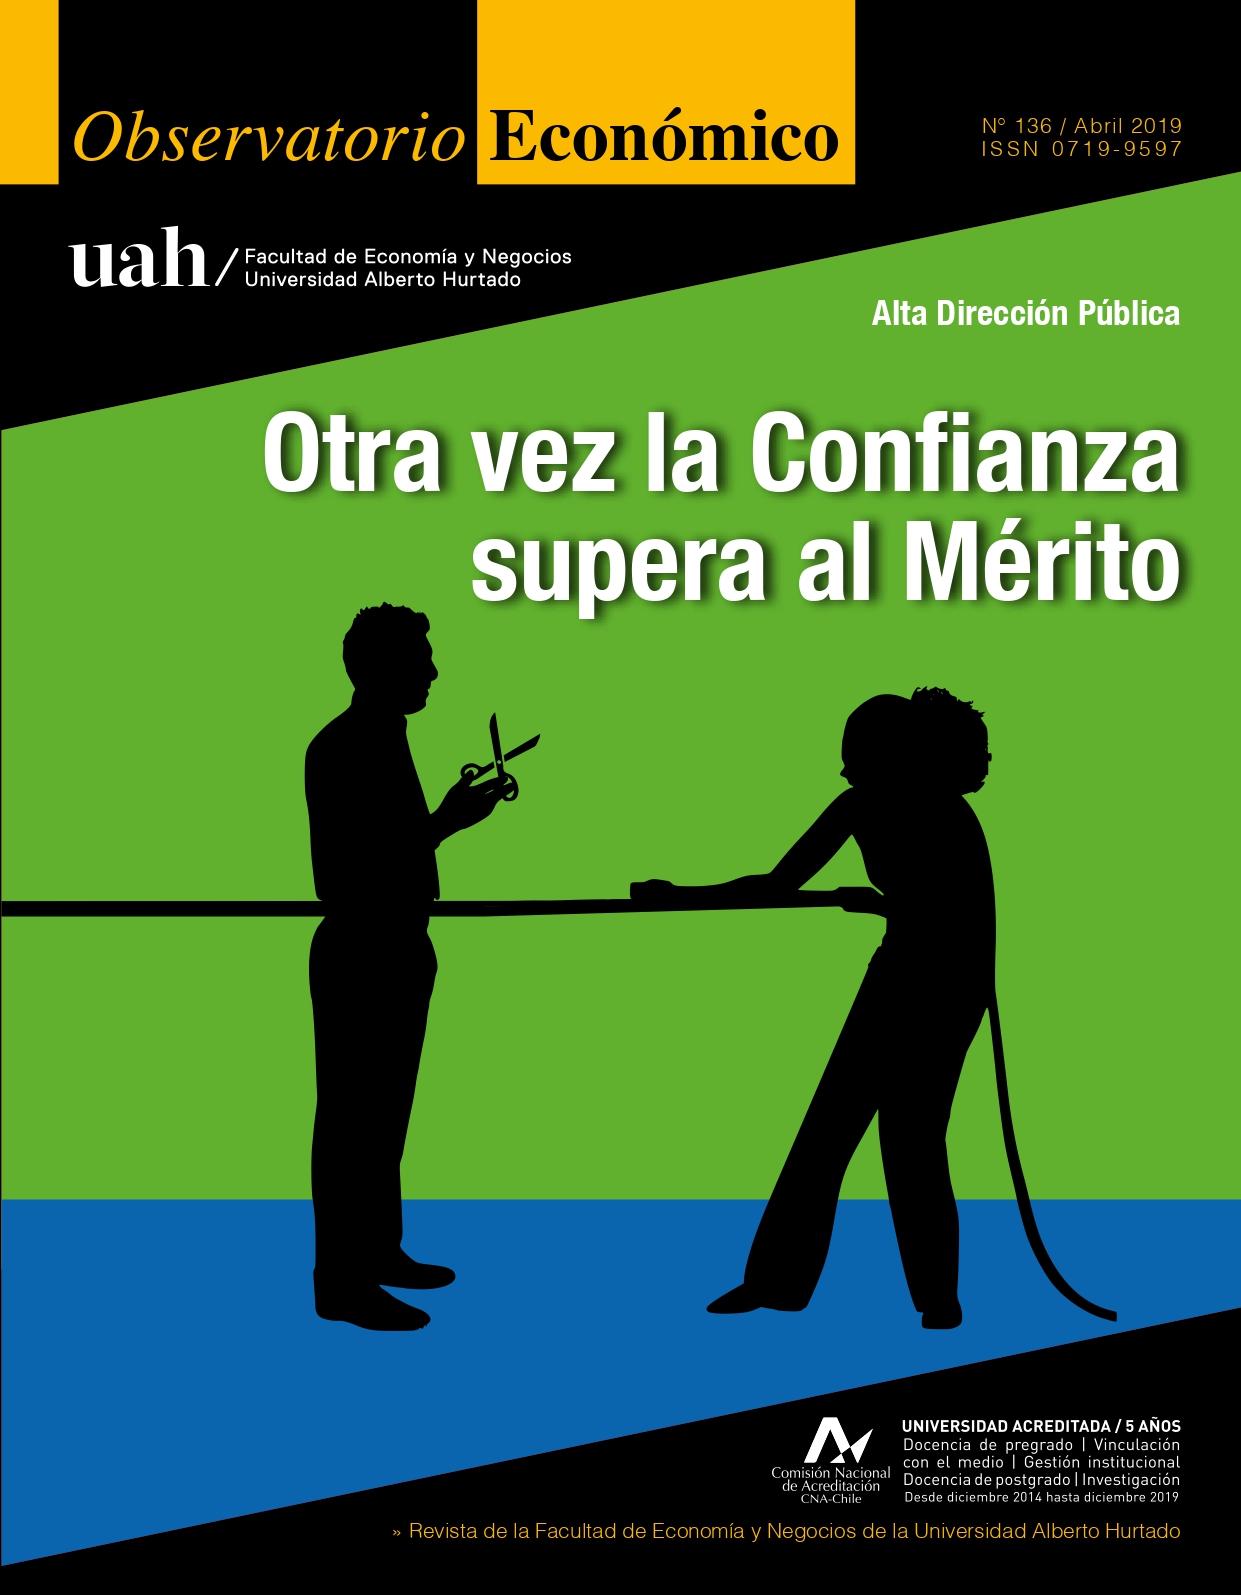 """Título del número de la revista : """"Alta Dirección Pública : Otra vez la Confianza supera al Mérito"""""""